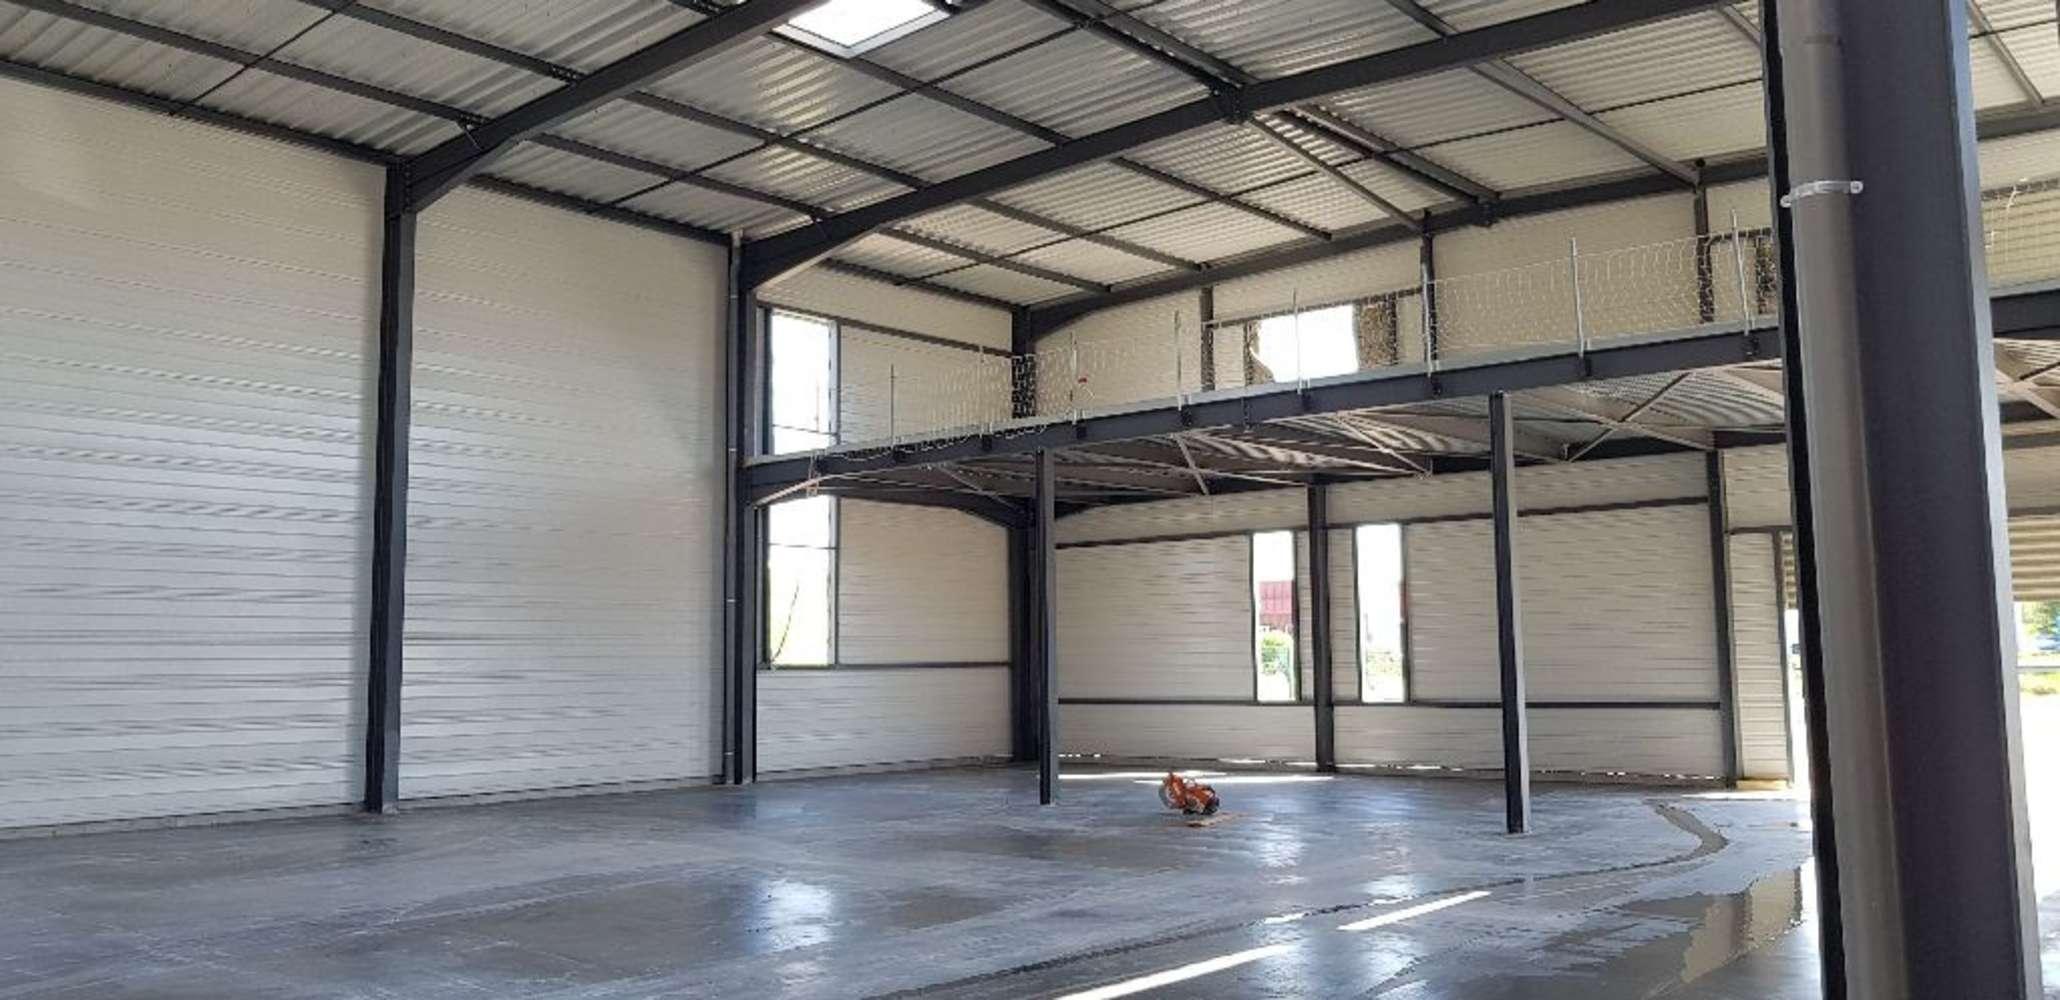 Activités/entrepôt Corbas, 69960 - Parc Montmartin - Entrepot à vendre Lyon - 9659118